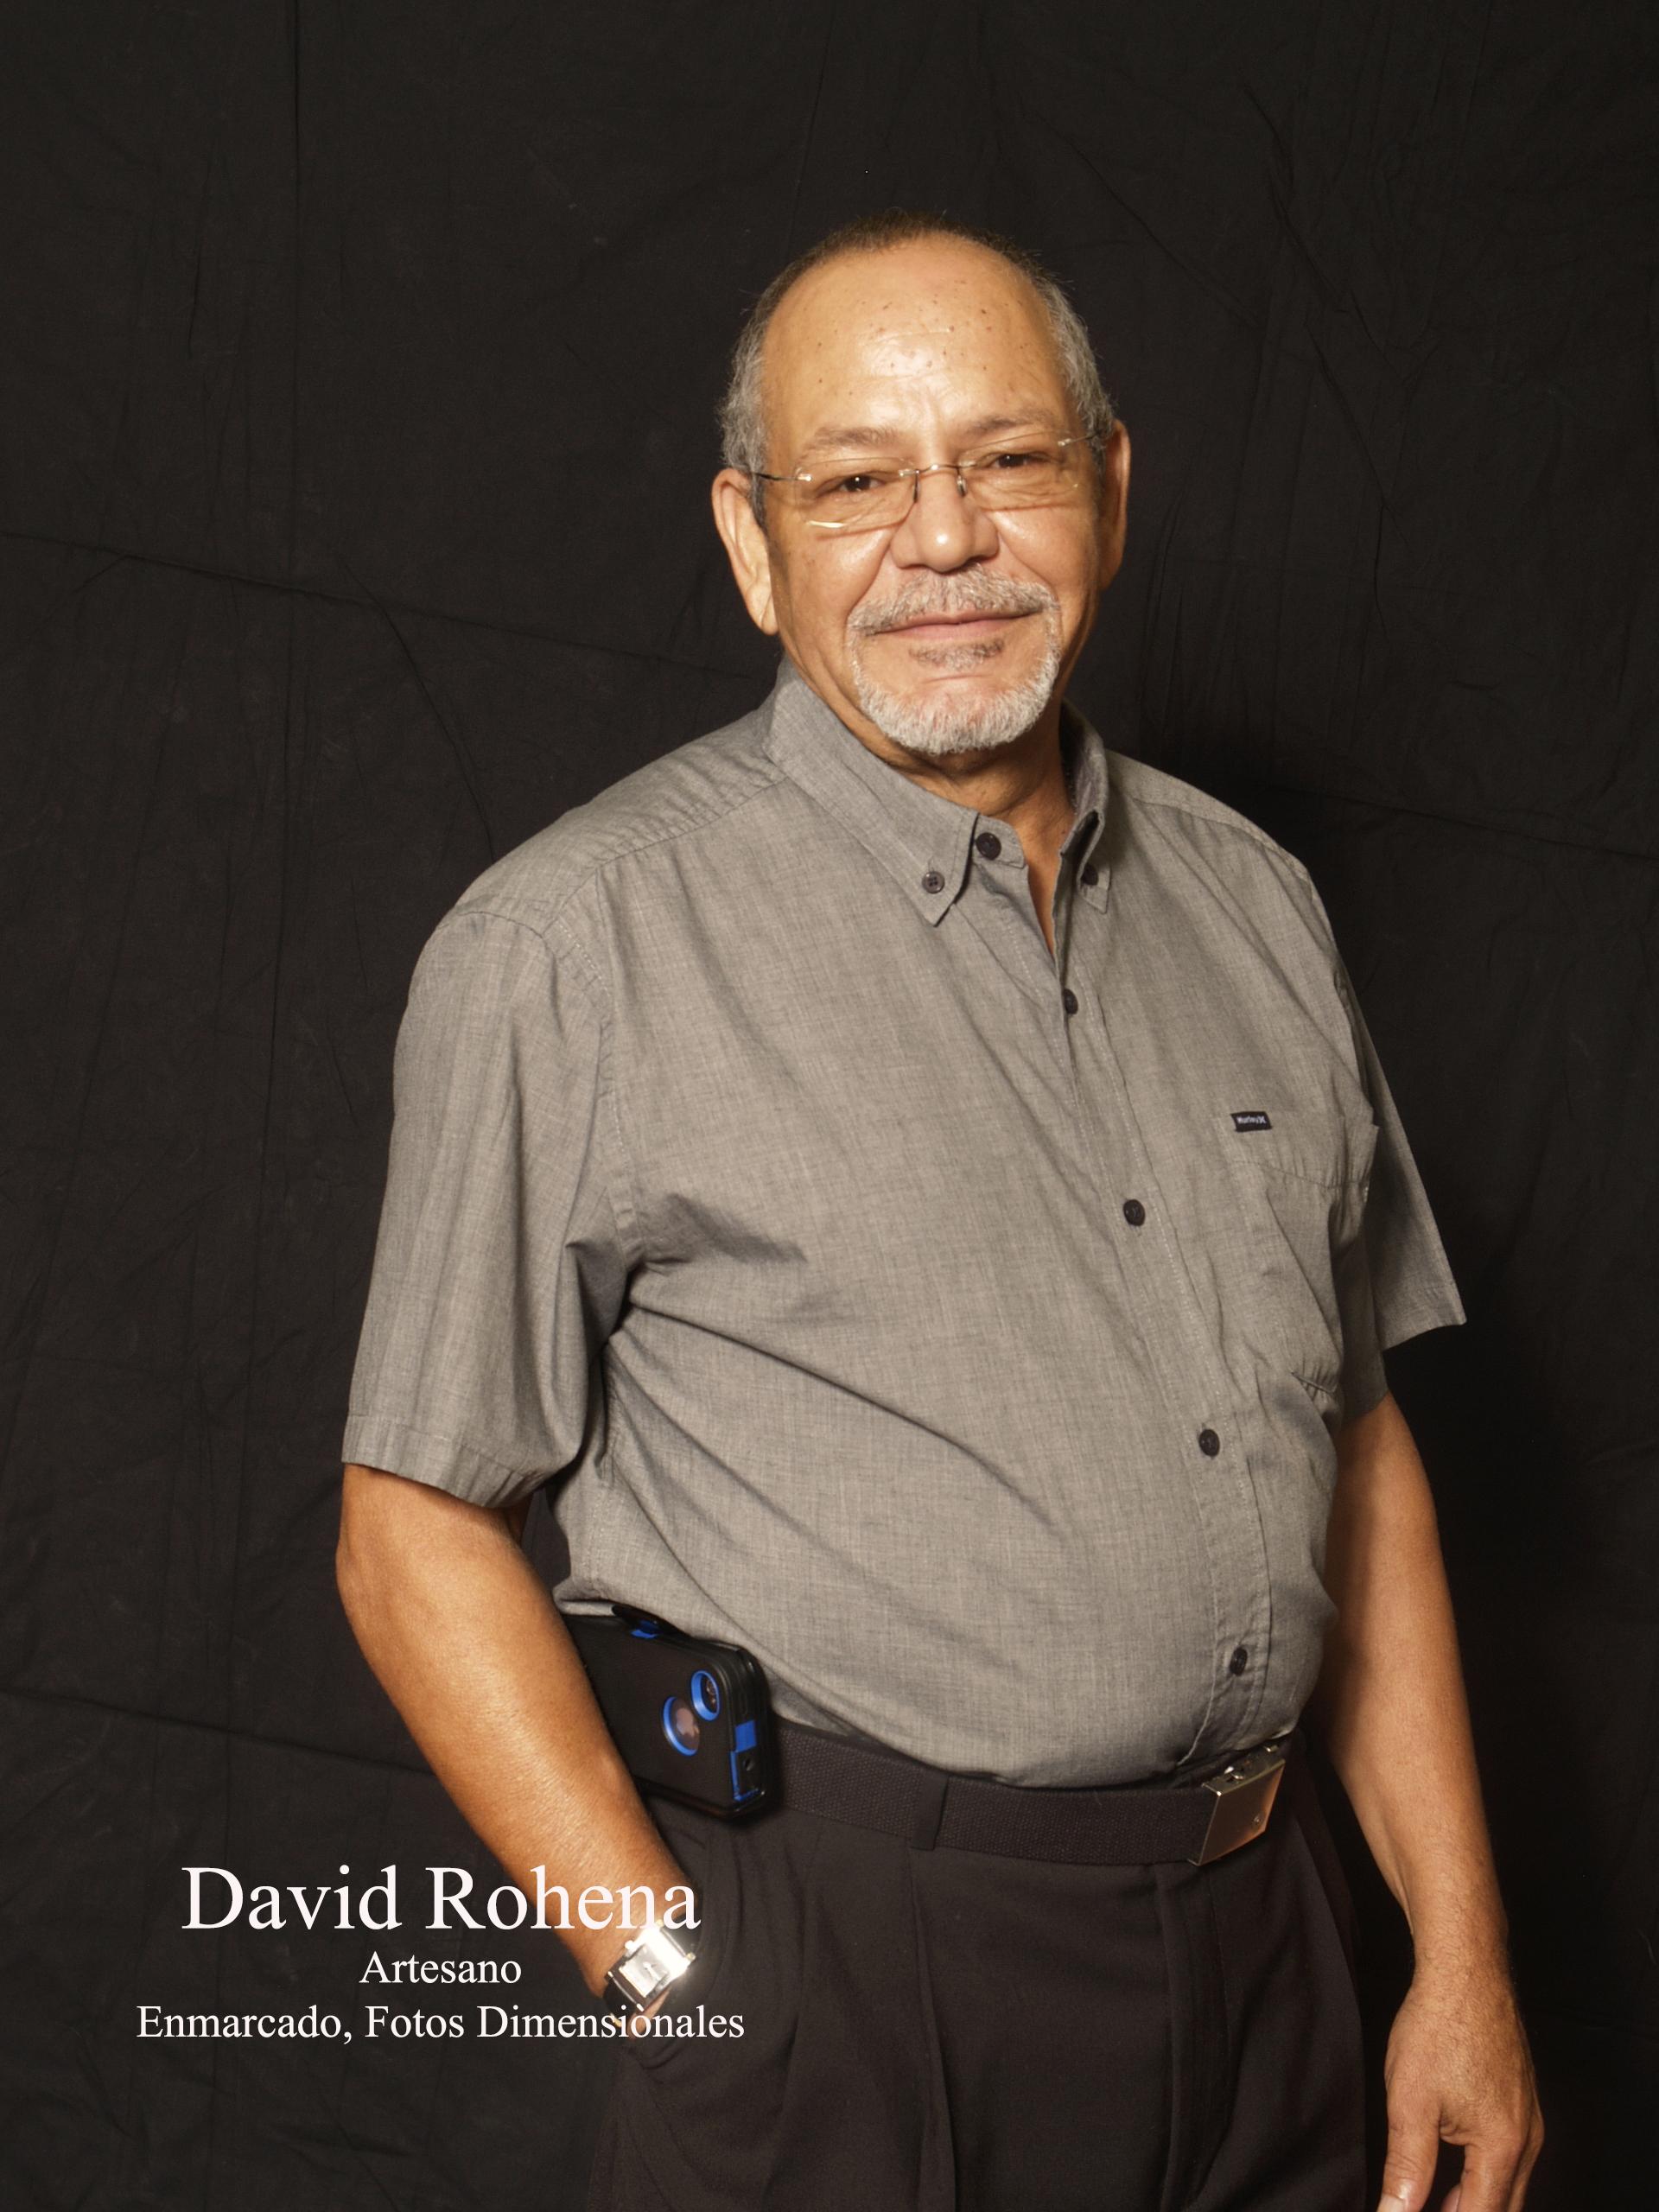 David Rohena - Artesano Enmarcado, Fotos   Dimensionales